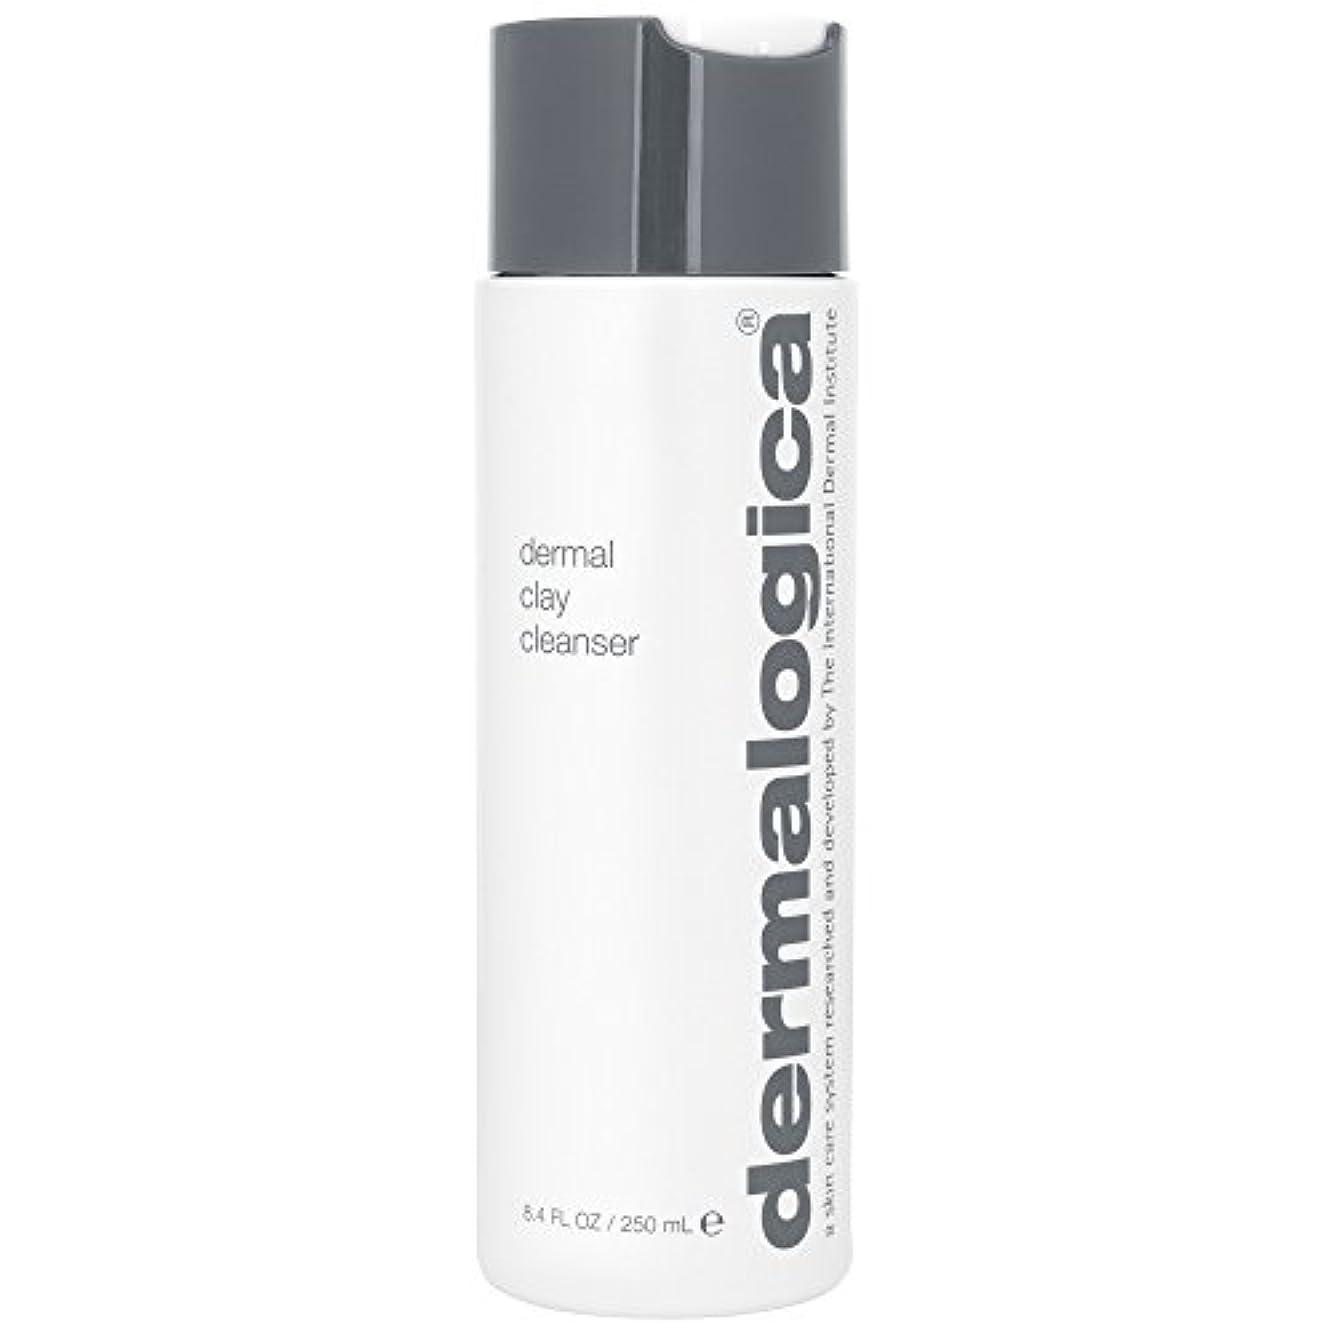 め言葉男らしさ通行料金ダーマロジカ真皮クレイクレンザー250ミリリットル (Dermalogica) (x2) - Dermalogica Dermal Clay Cleanser 250ml (Pack of 2) [並行輸入品]